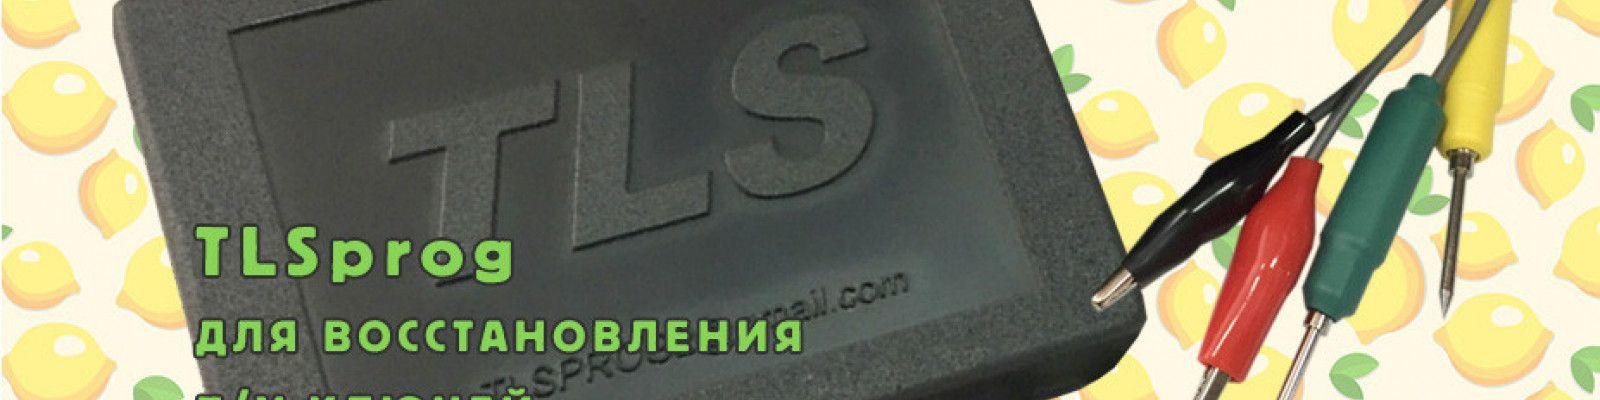 TLS prog